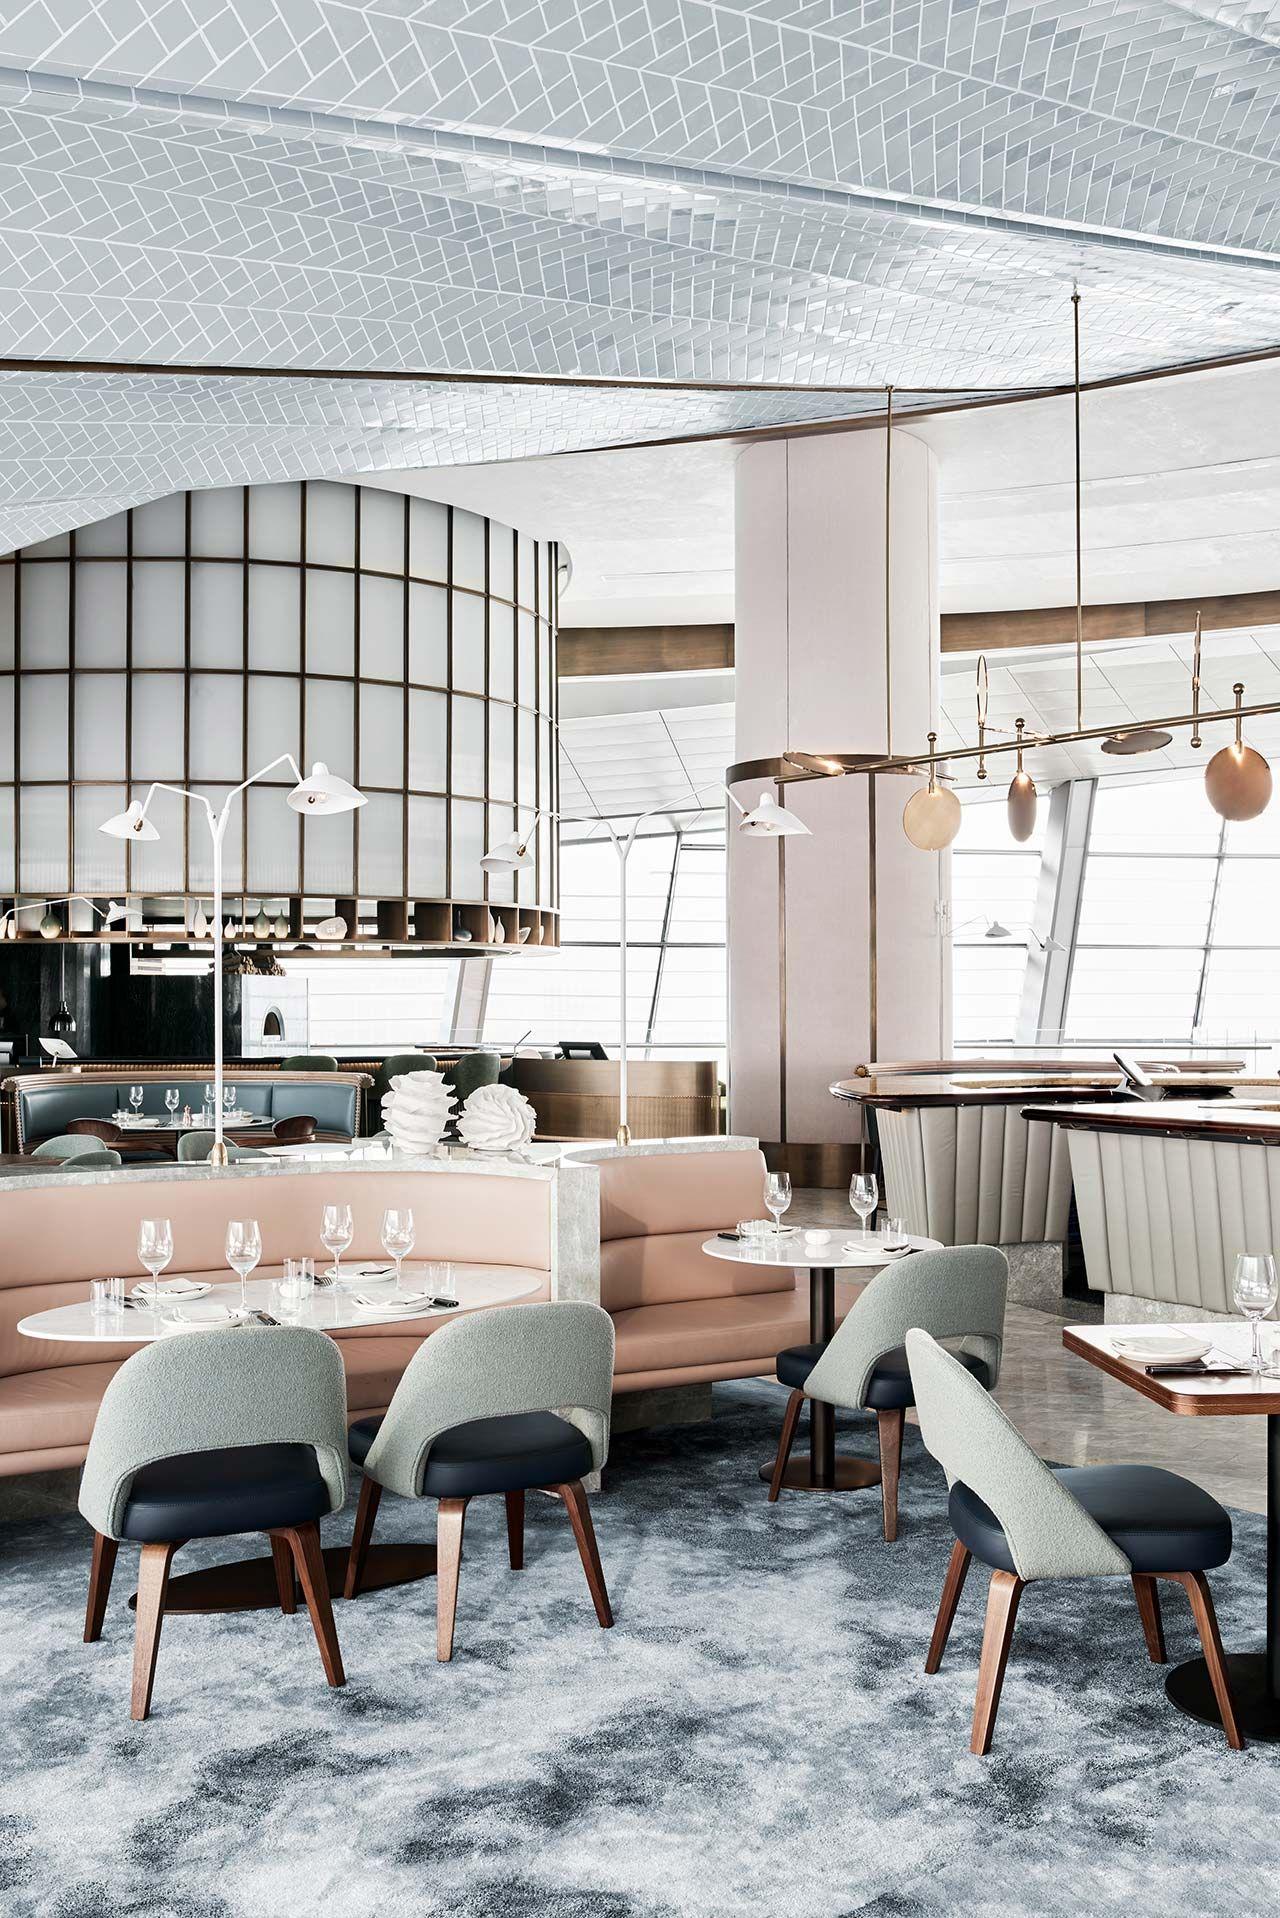 Interior Architecture Jobs In Dubai - valoblogi com